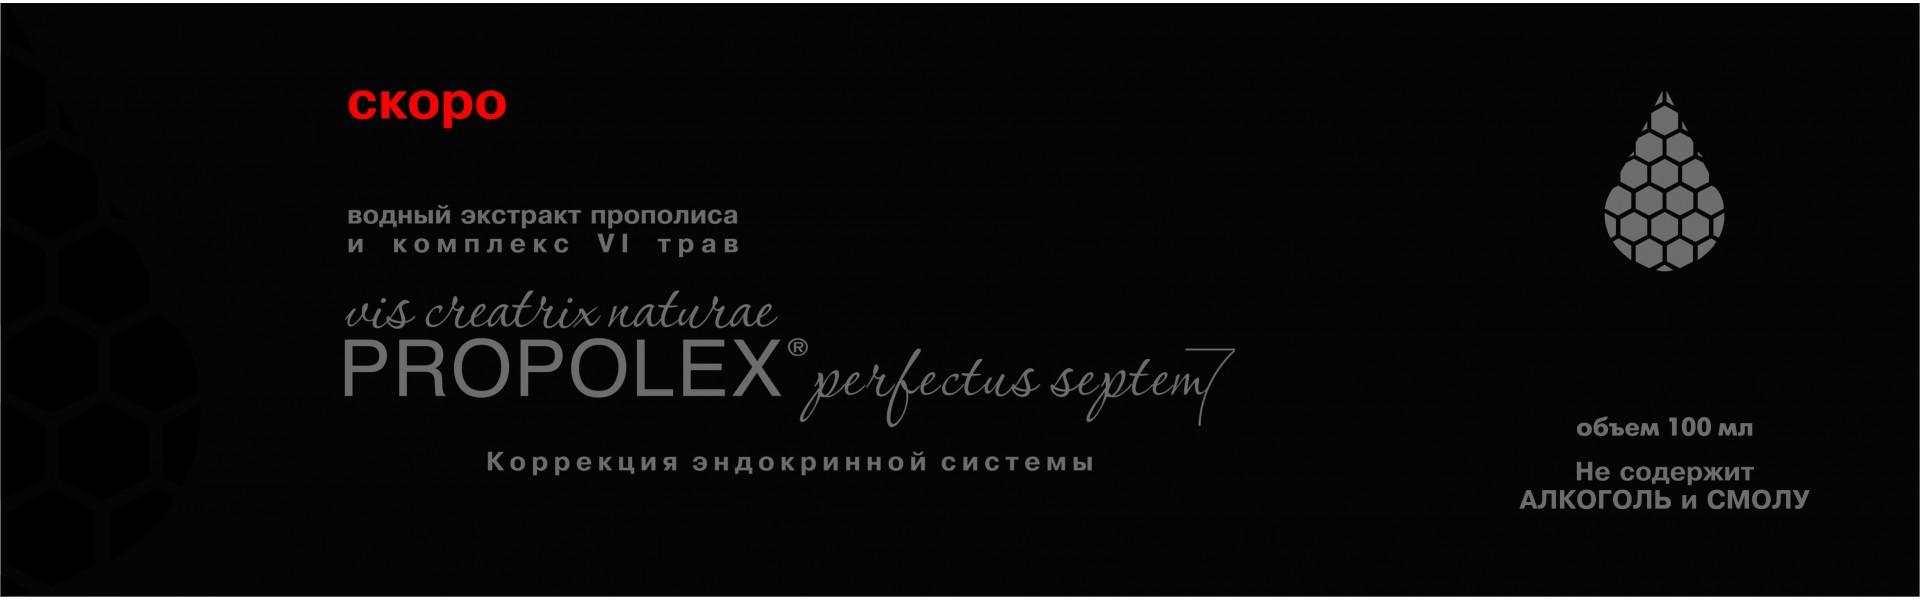 Propolex perfectus7